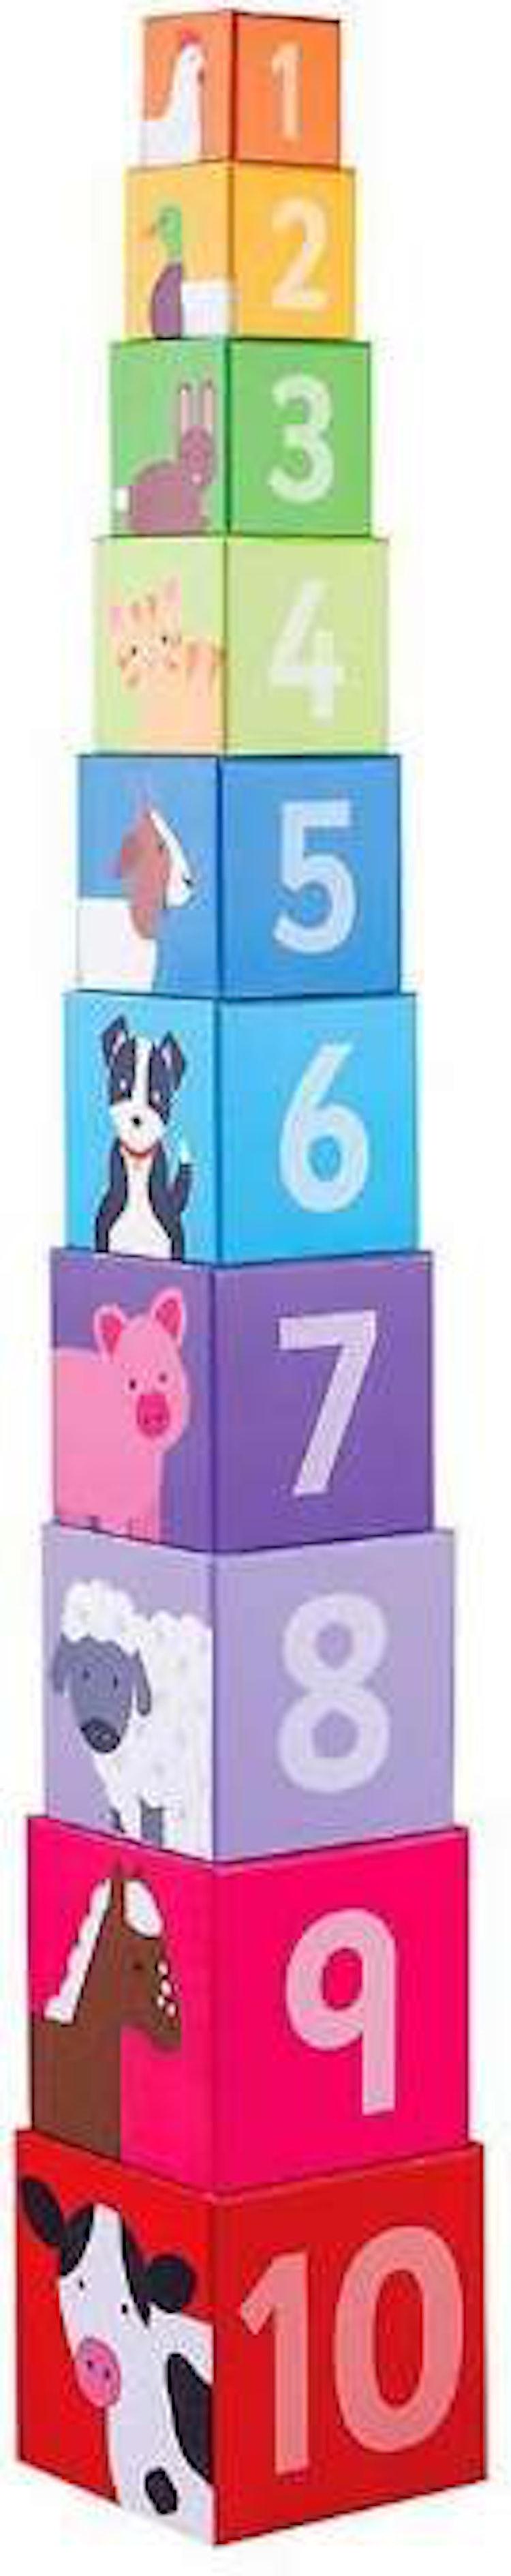 Stackblock med siffror och djur